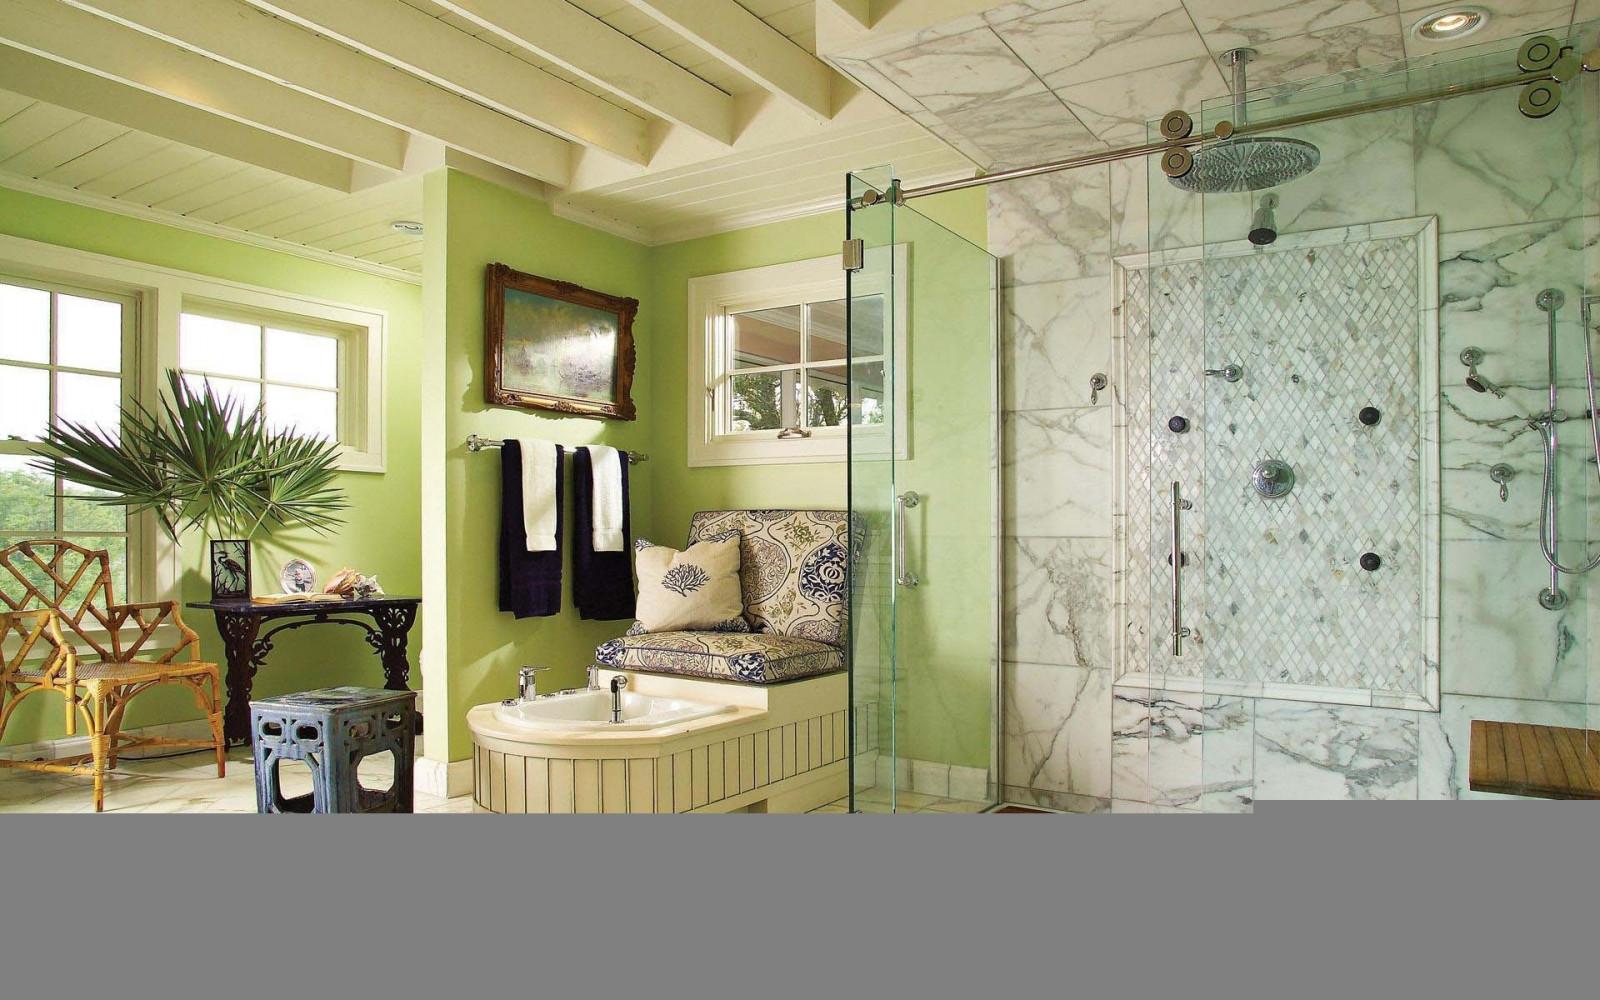 Fondos de pantalla : habitación, interior, cocina, ducha, diseño de ...